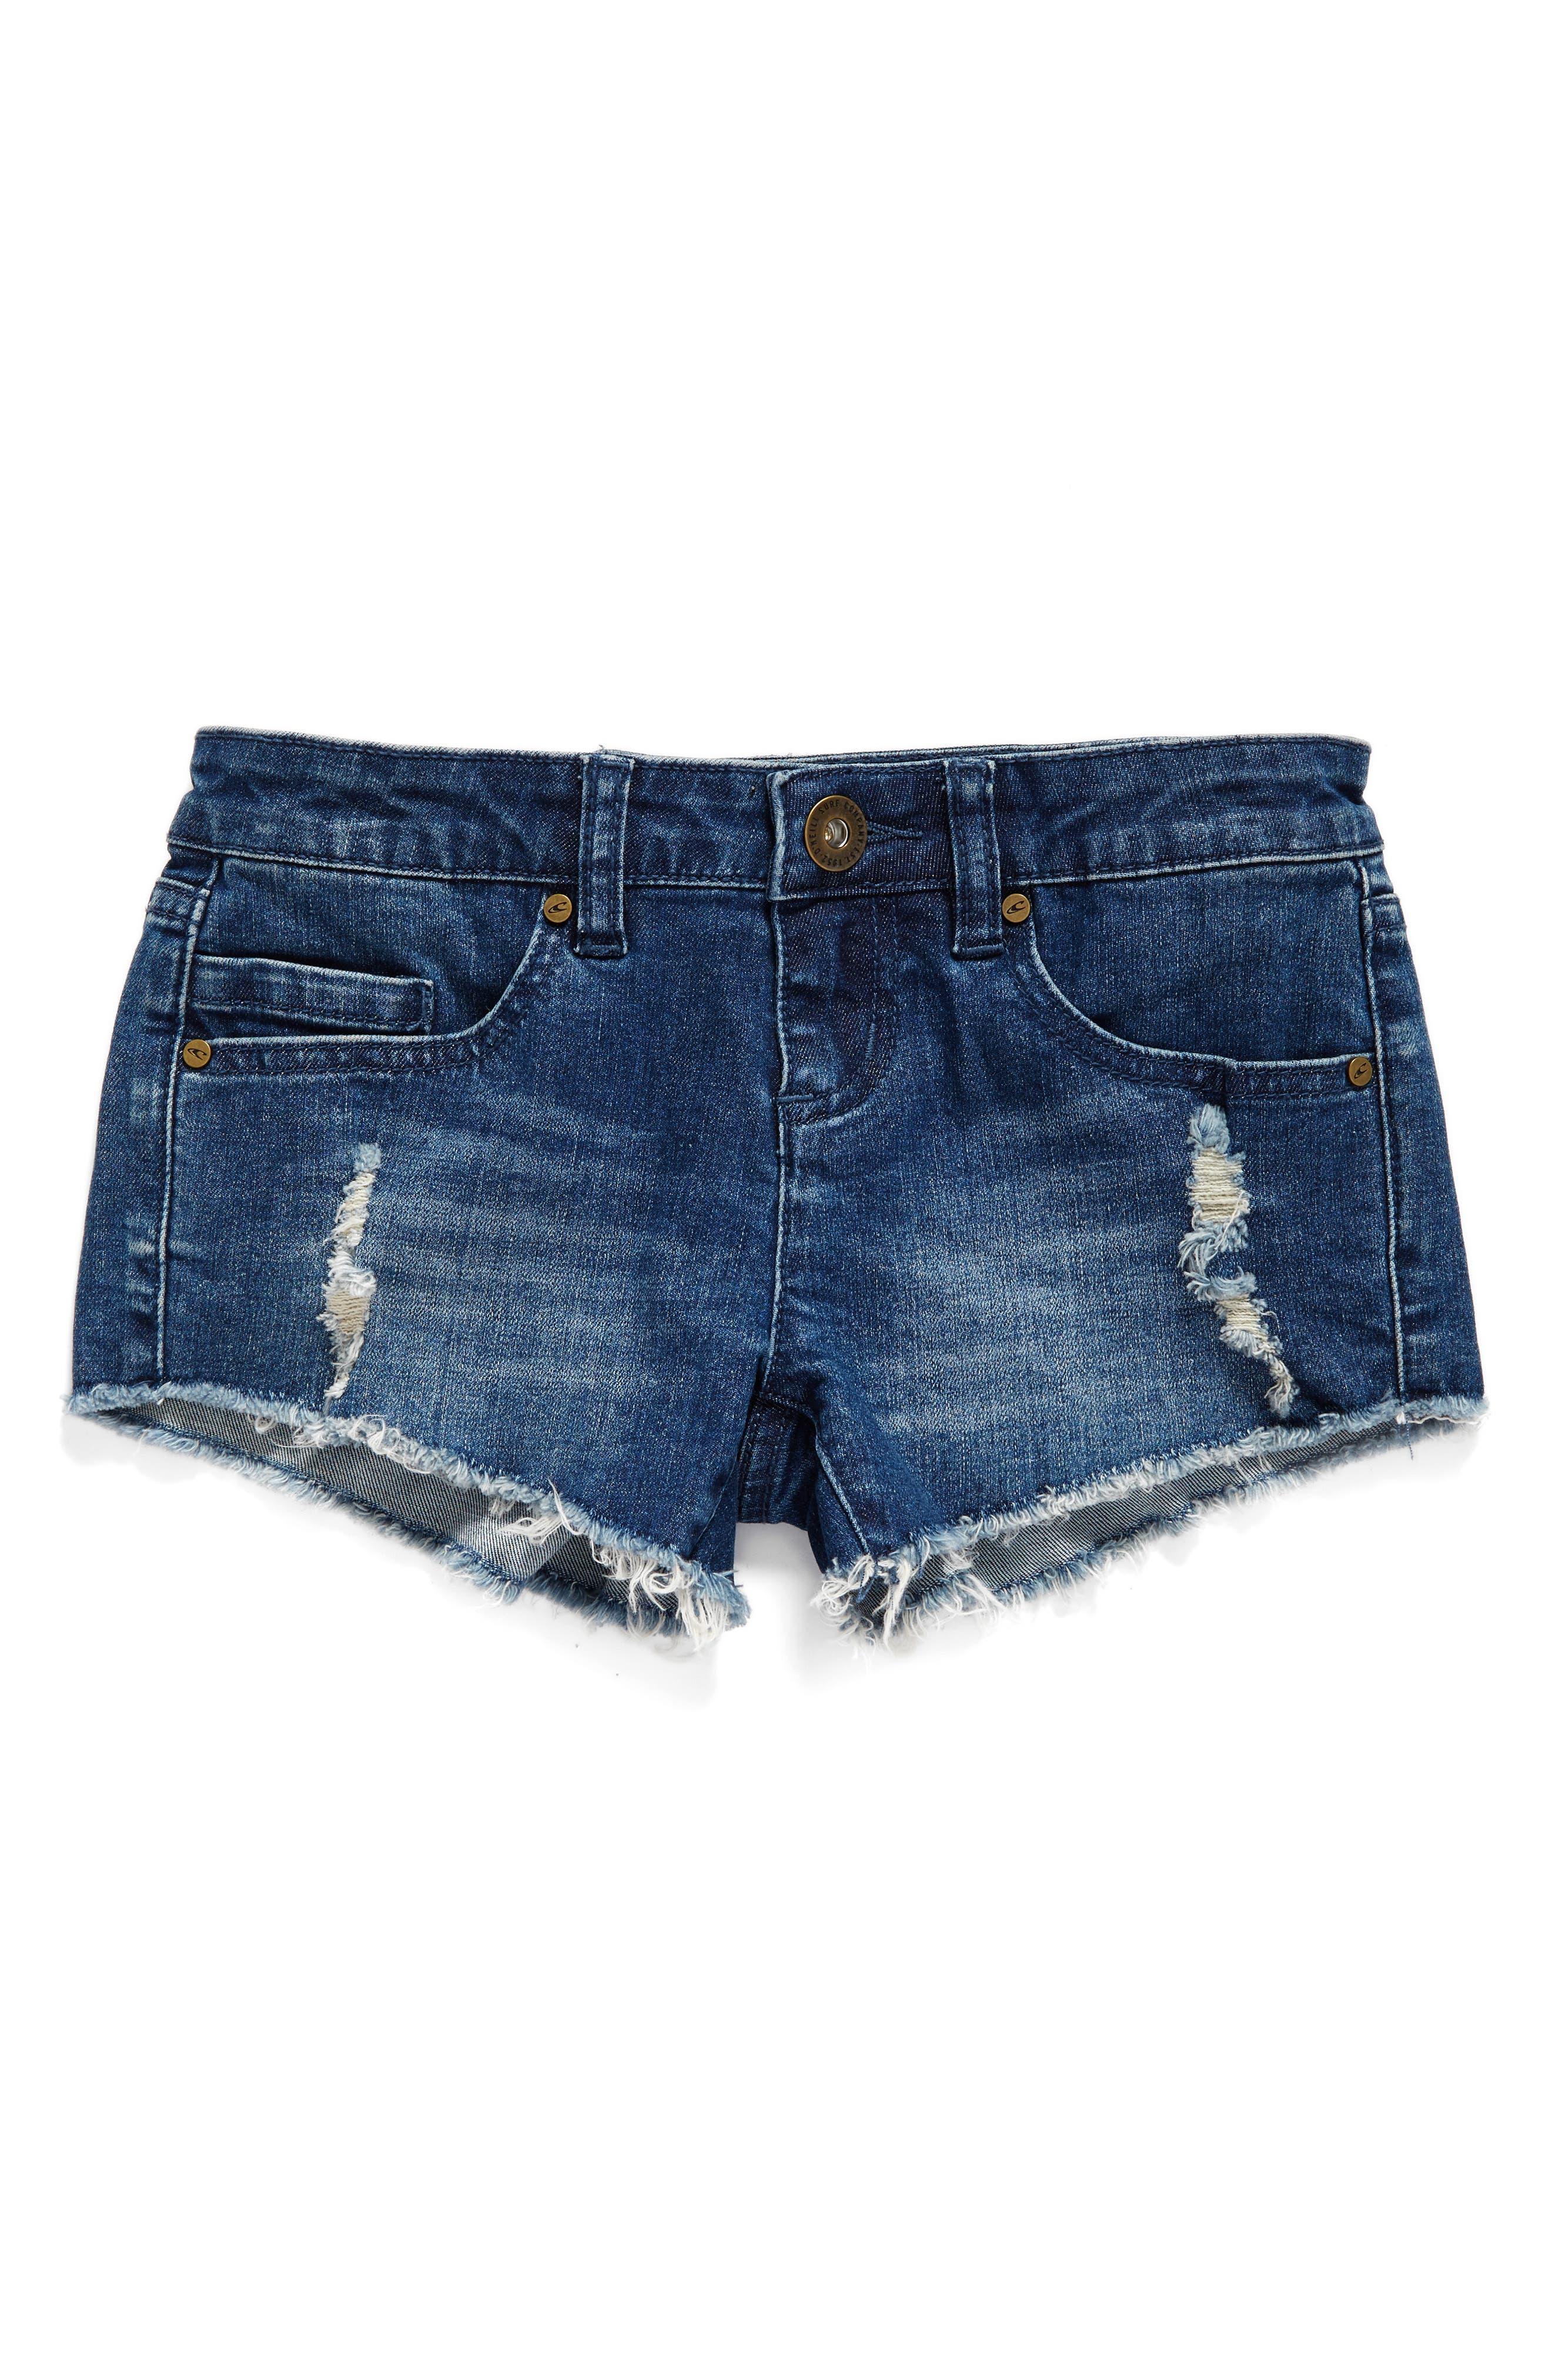 O'Neill Camper Denim Shorts (Big Girls)